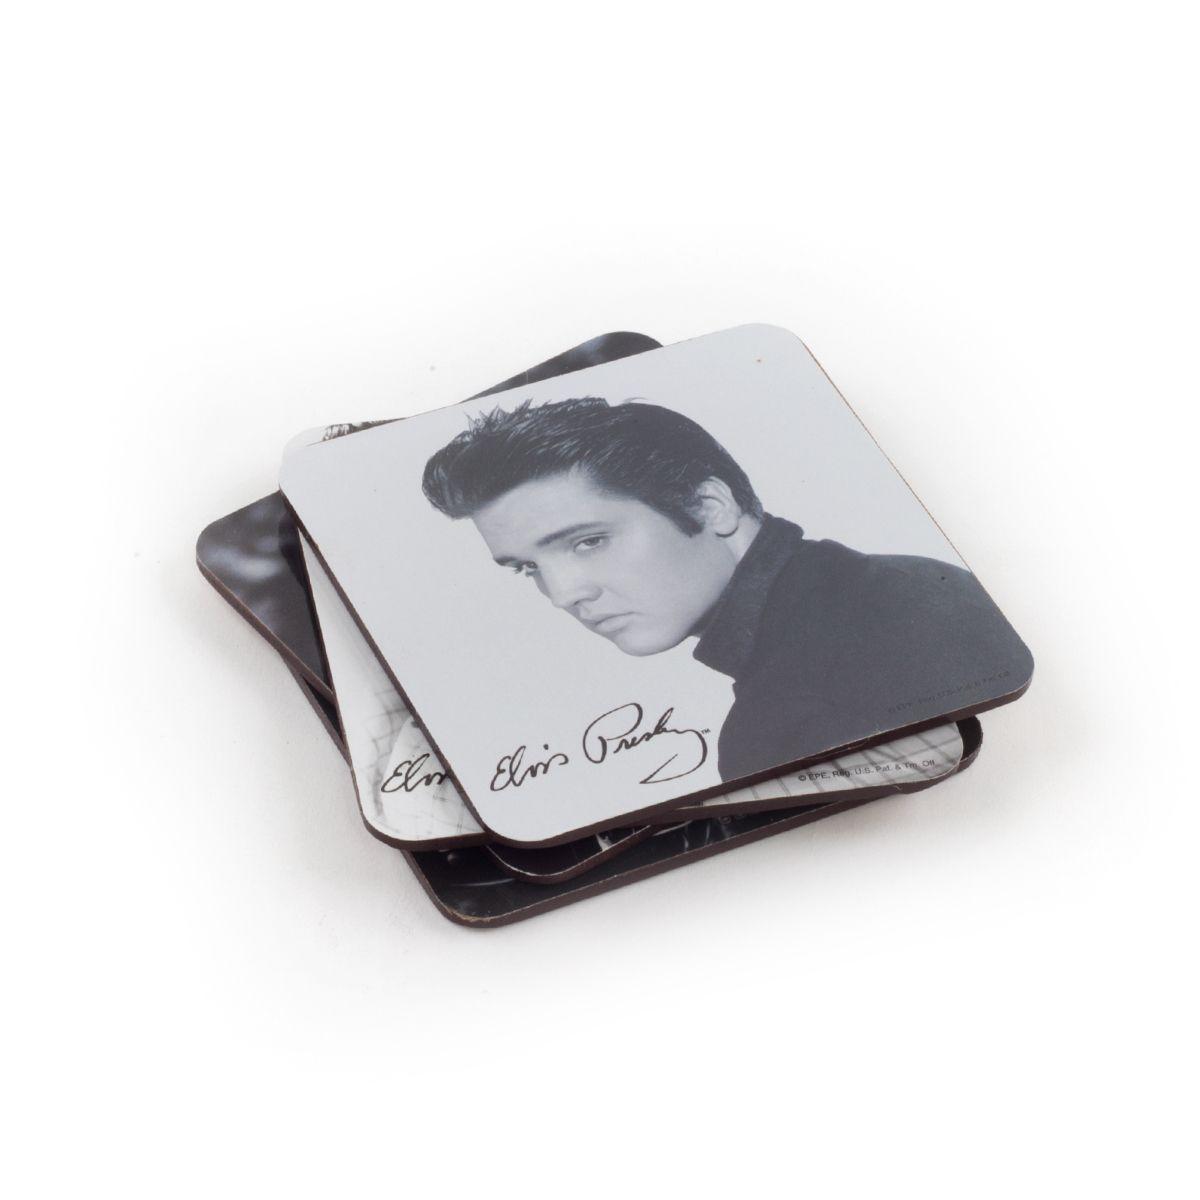 1a4e7c38e72eb Elvis Presley Coaster Set (4-piece)